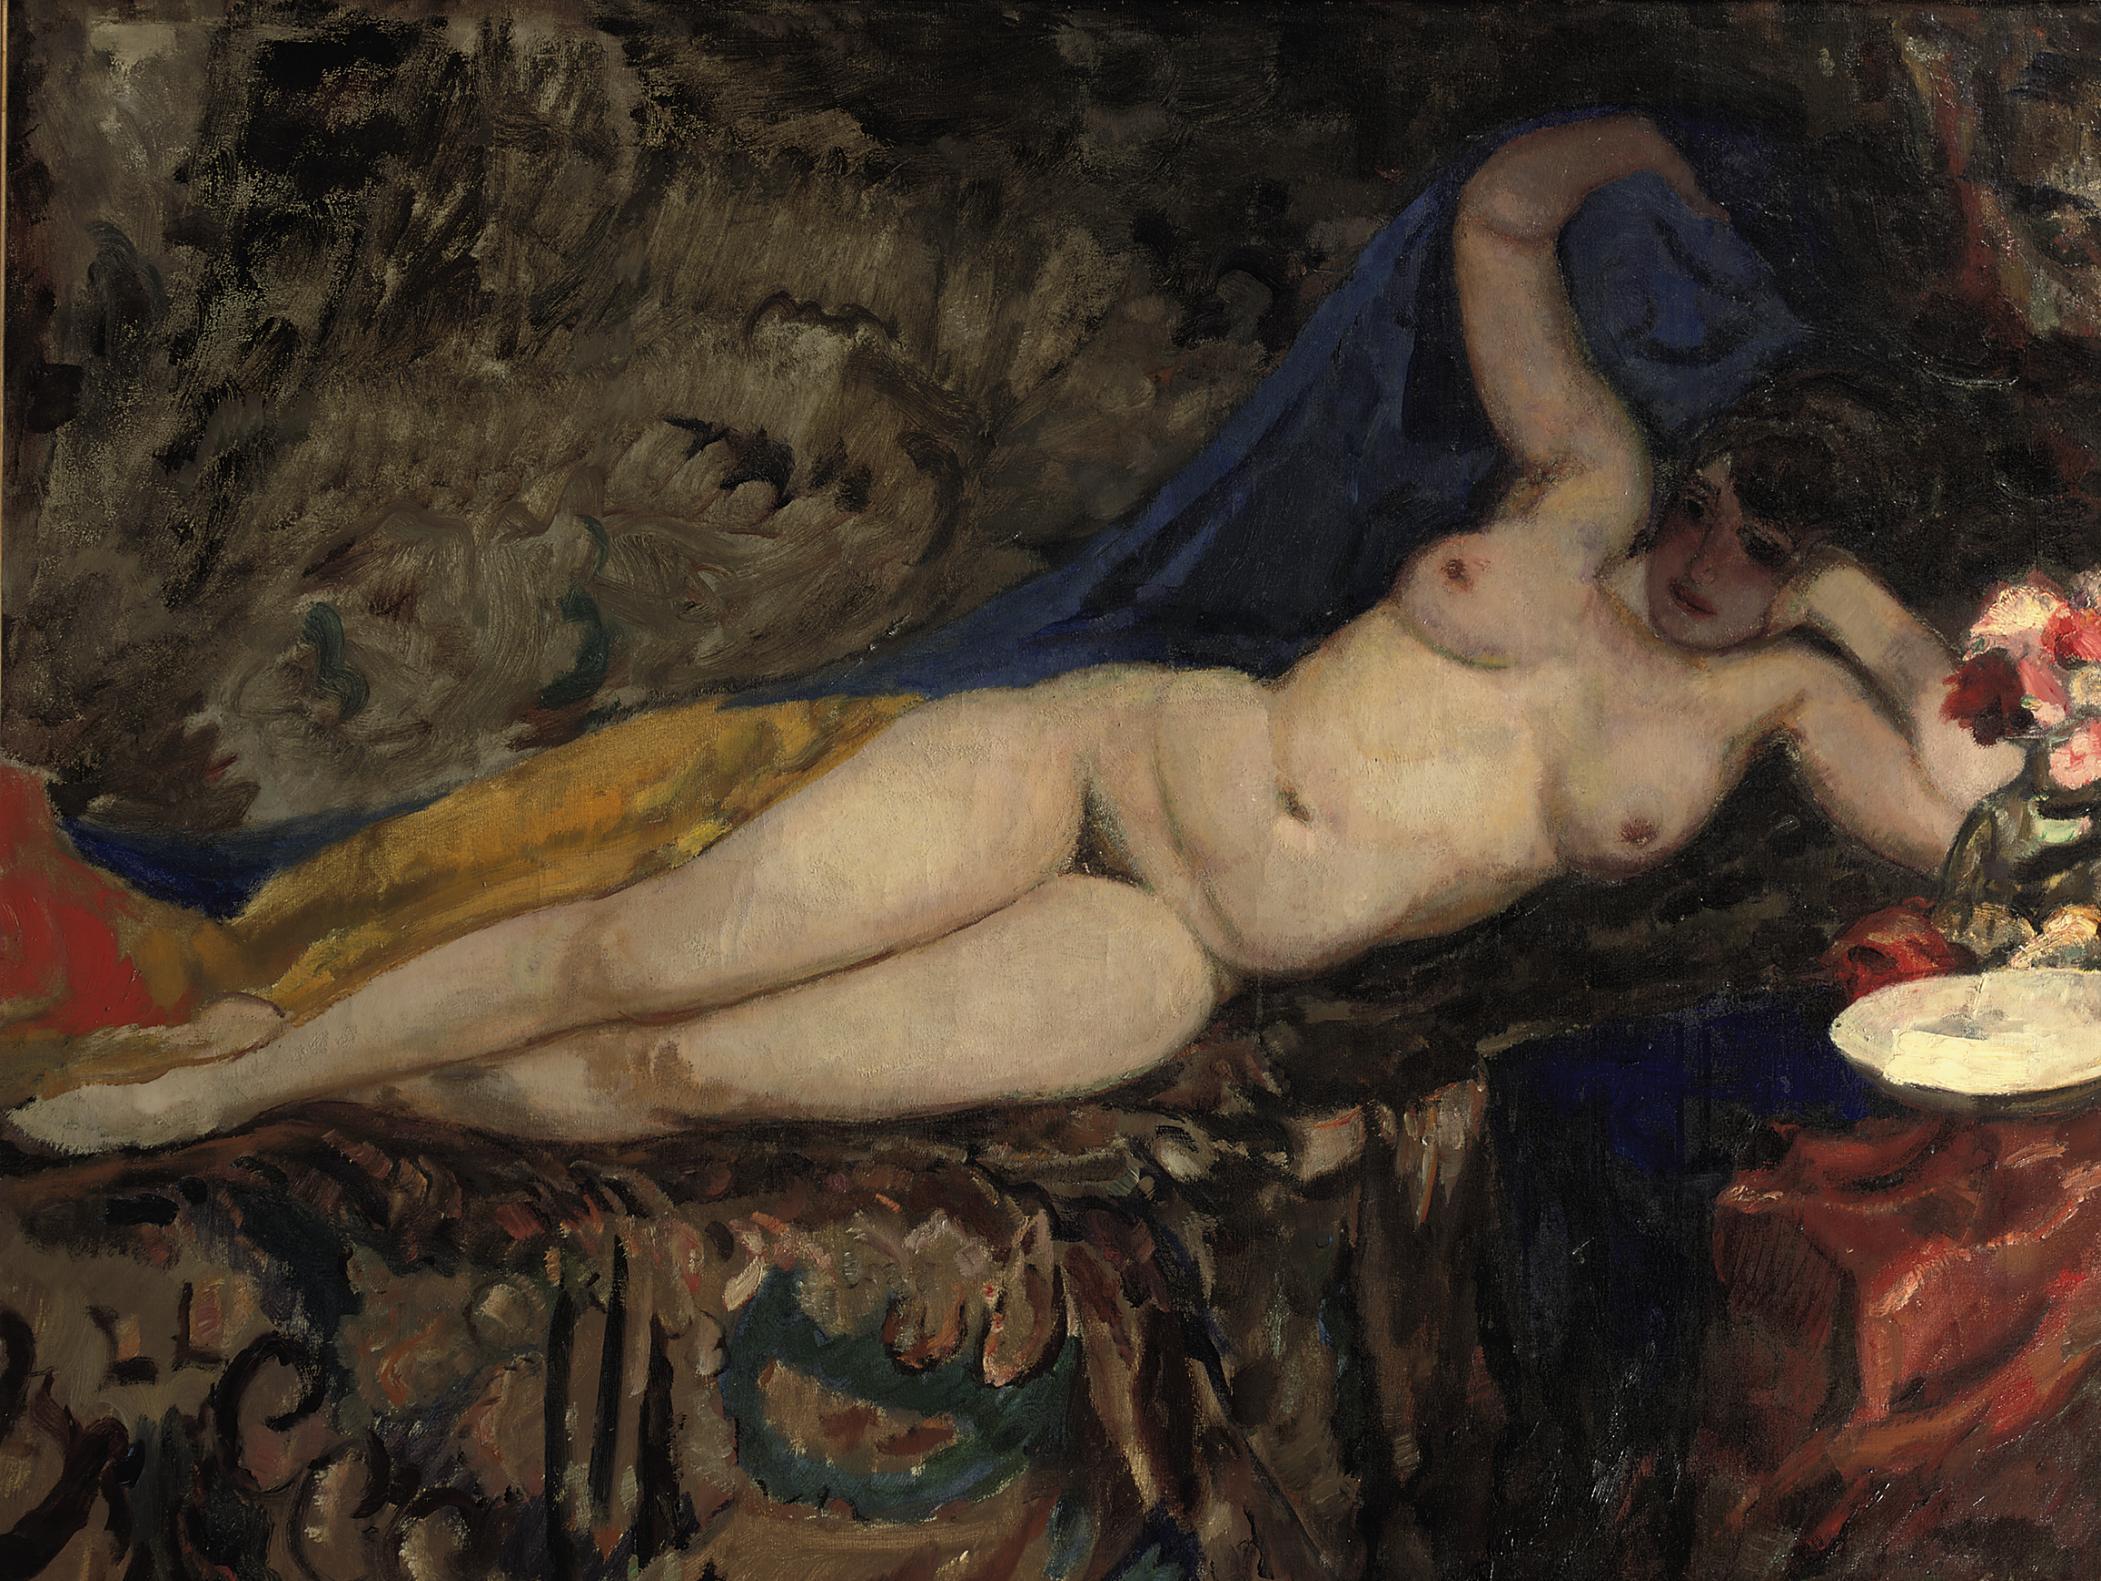 Naakt op Divan: Nude on a Sofa